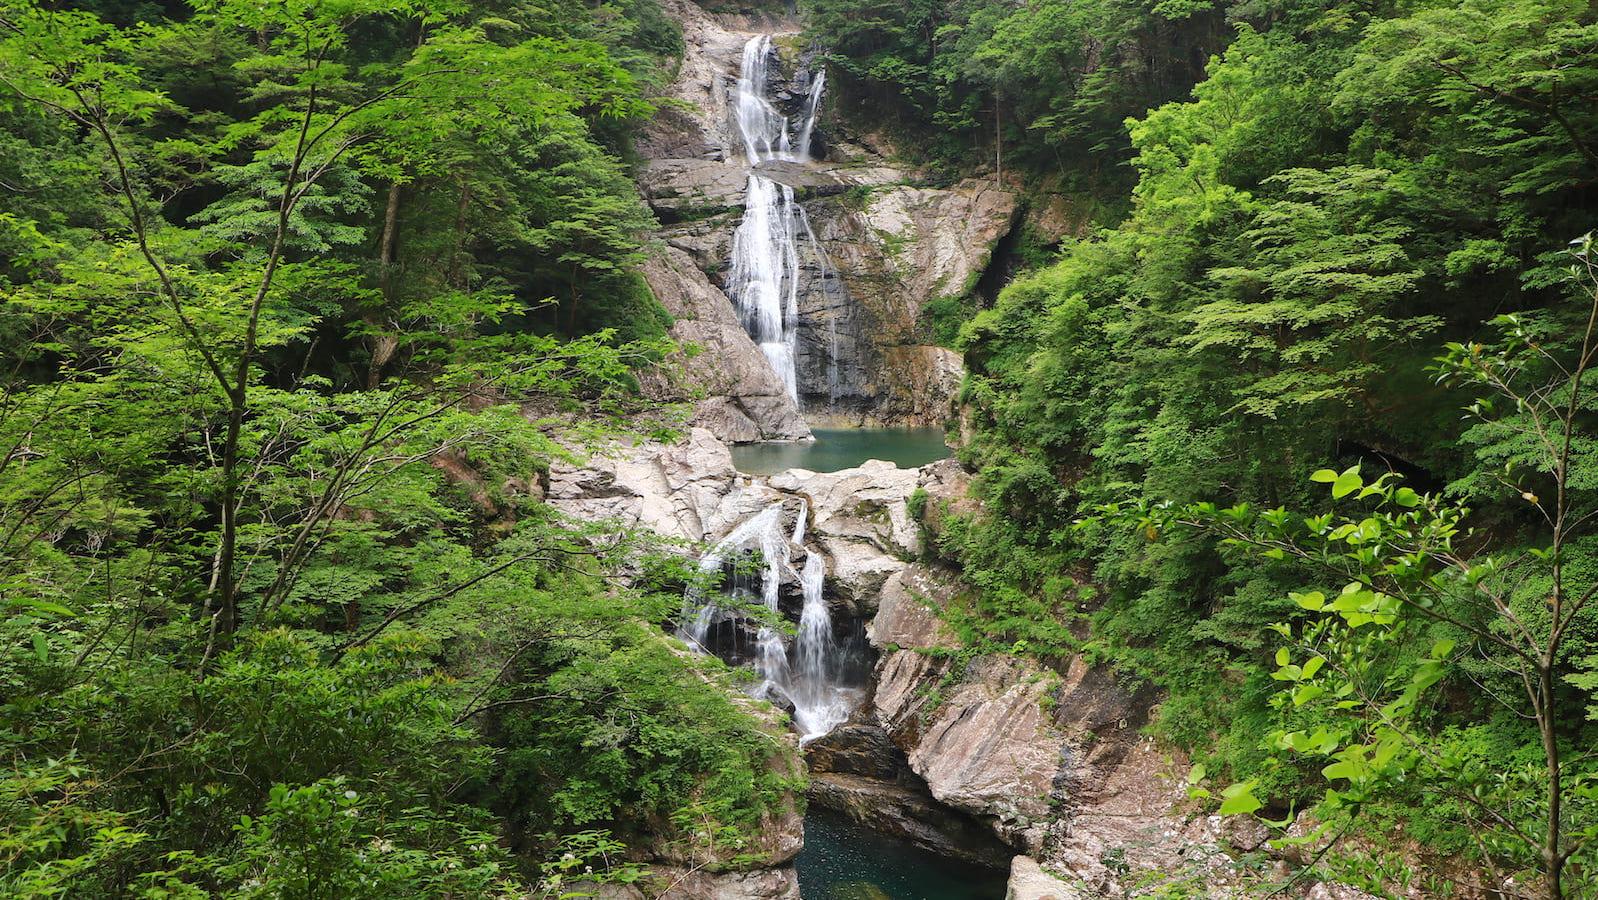 自然に囲まれる内省の旅。マイナスイオンほとばしる、日本全国「滝めぐり」へ